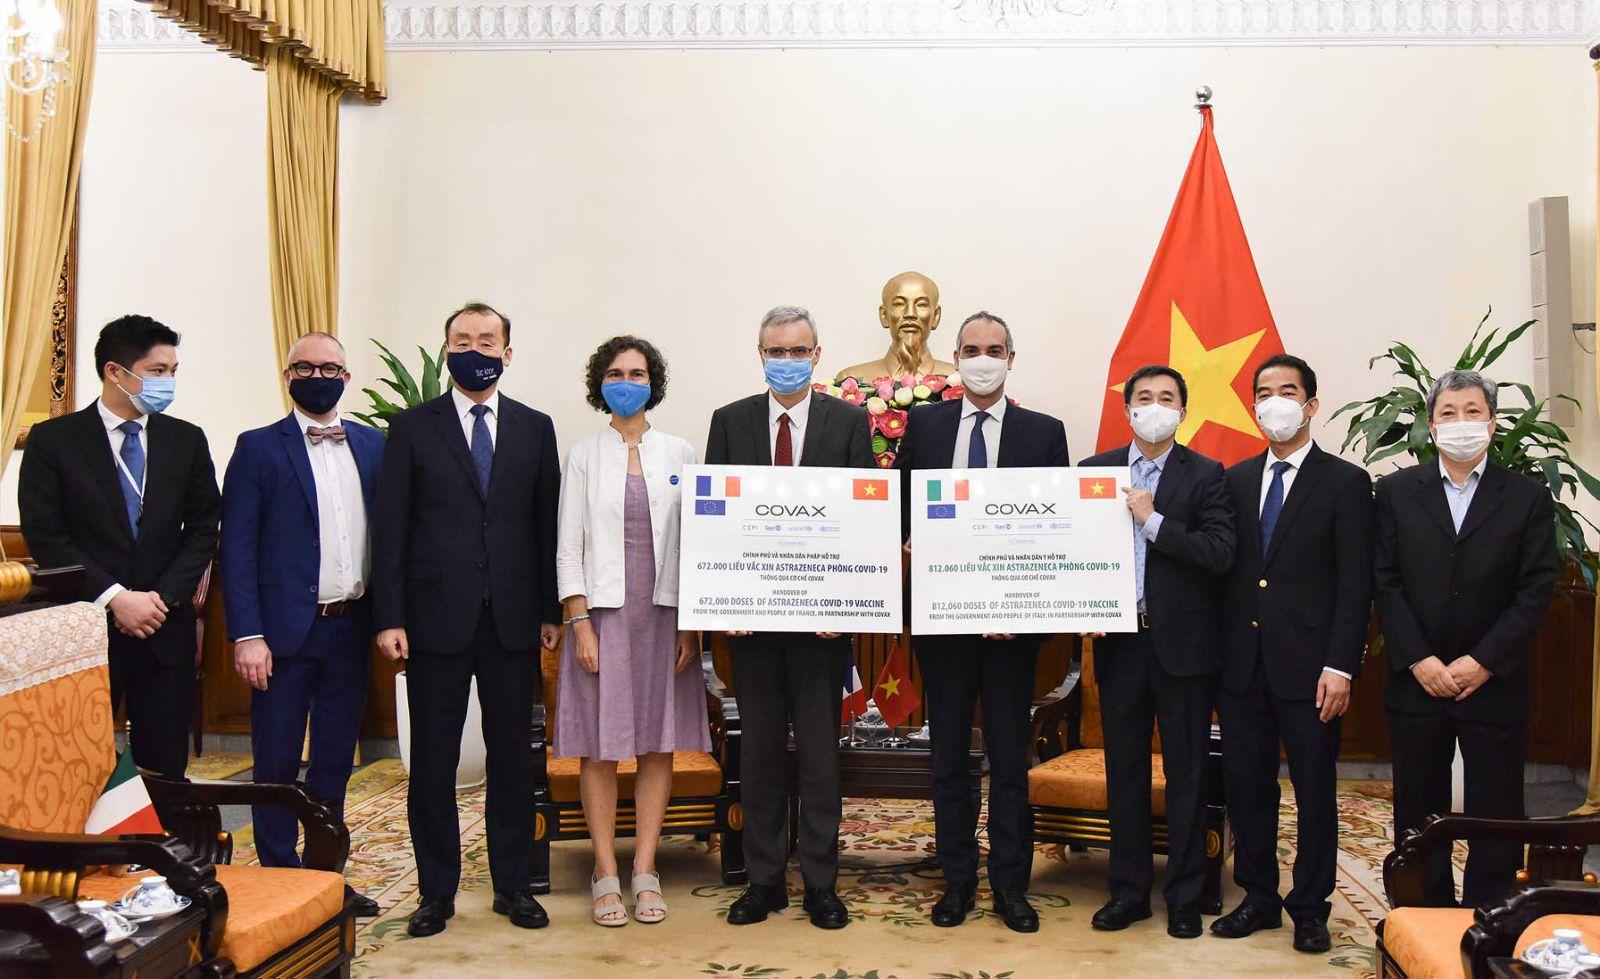 Việt Nam tiếp nhận tượng trưng 1,5 triệu liều vắc xin phòng Covid-19 do Pháp và Italy trao tặng, thuốc đã về tới nơi - Ảnh 2.